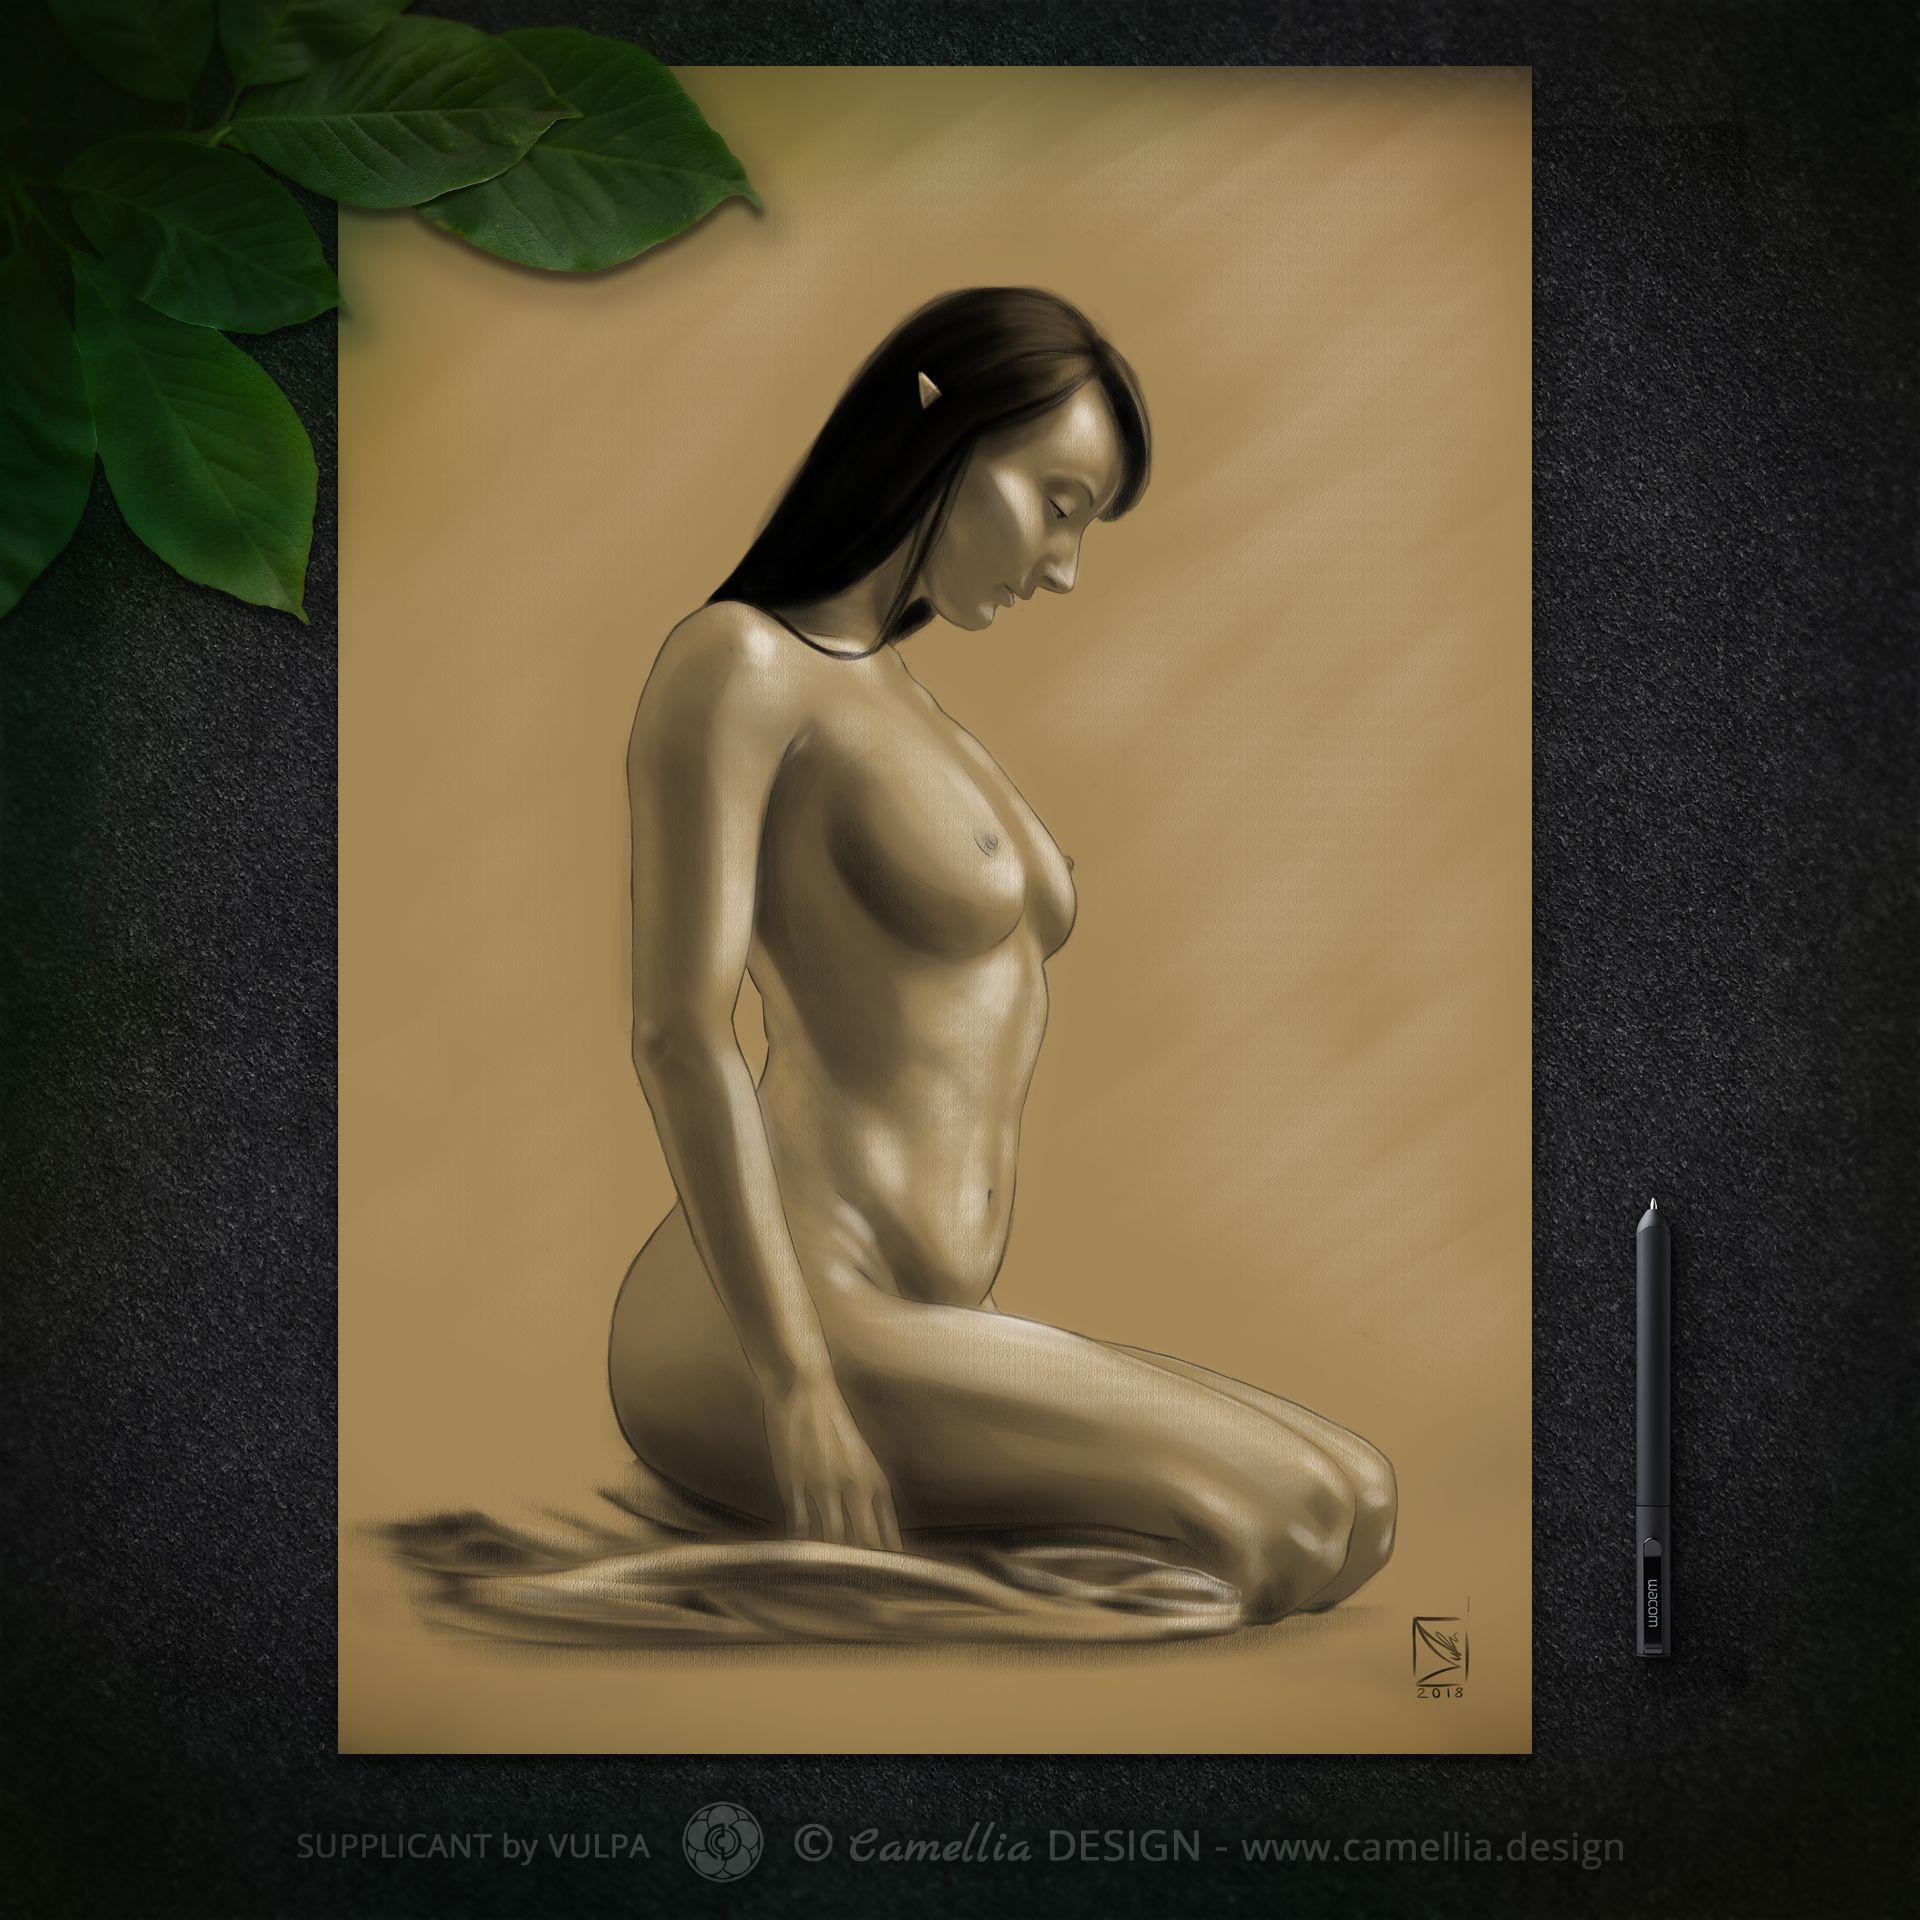 SUPPLICANT-digital-sketch-by-VULPA